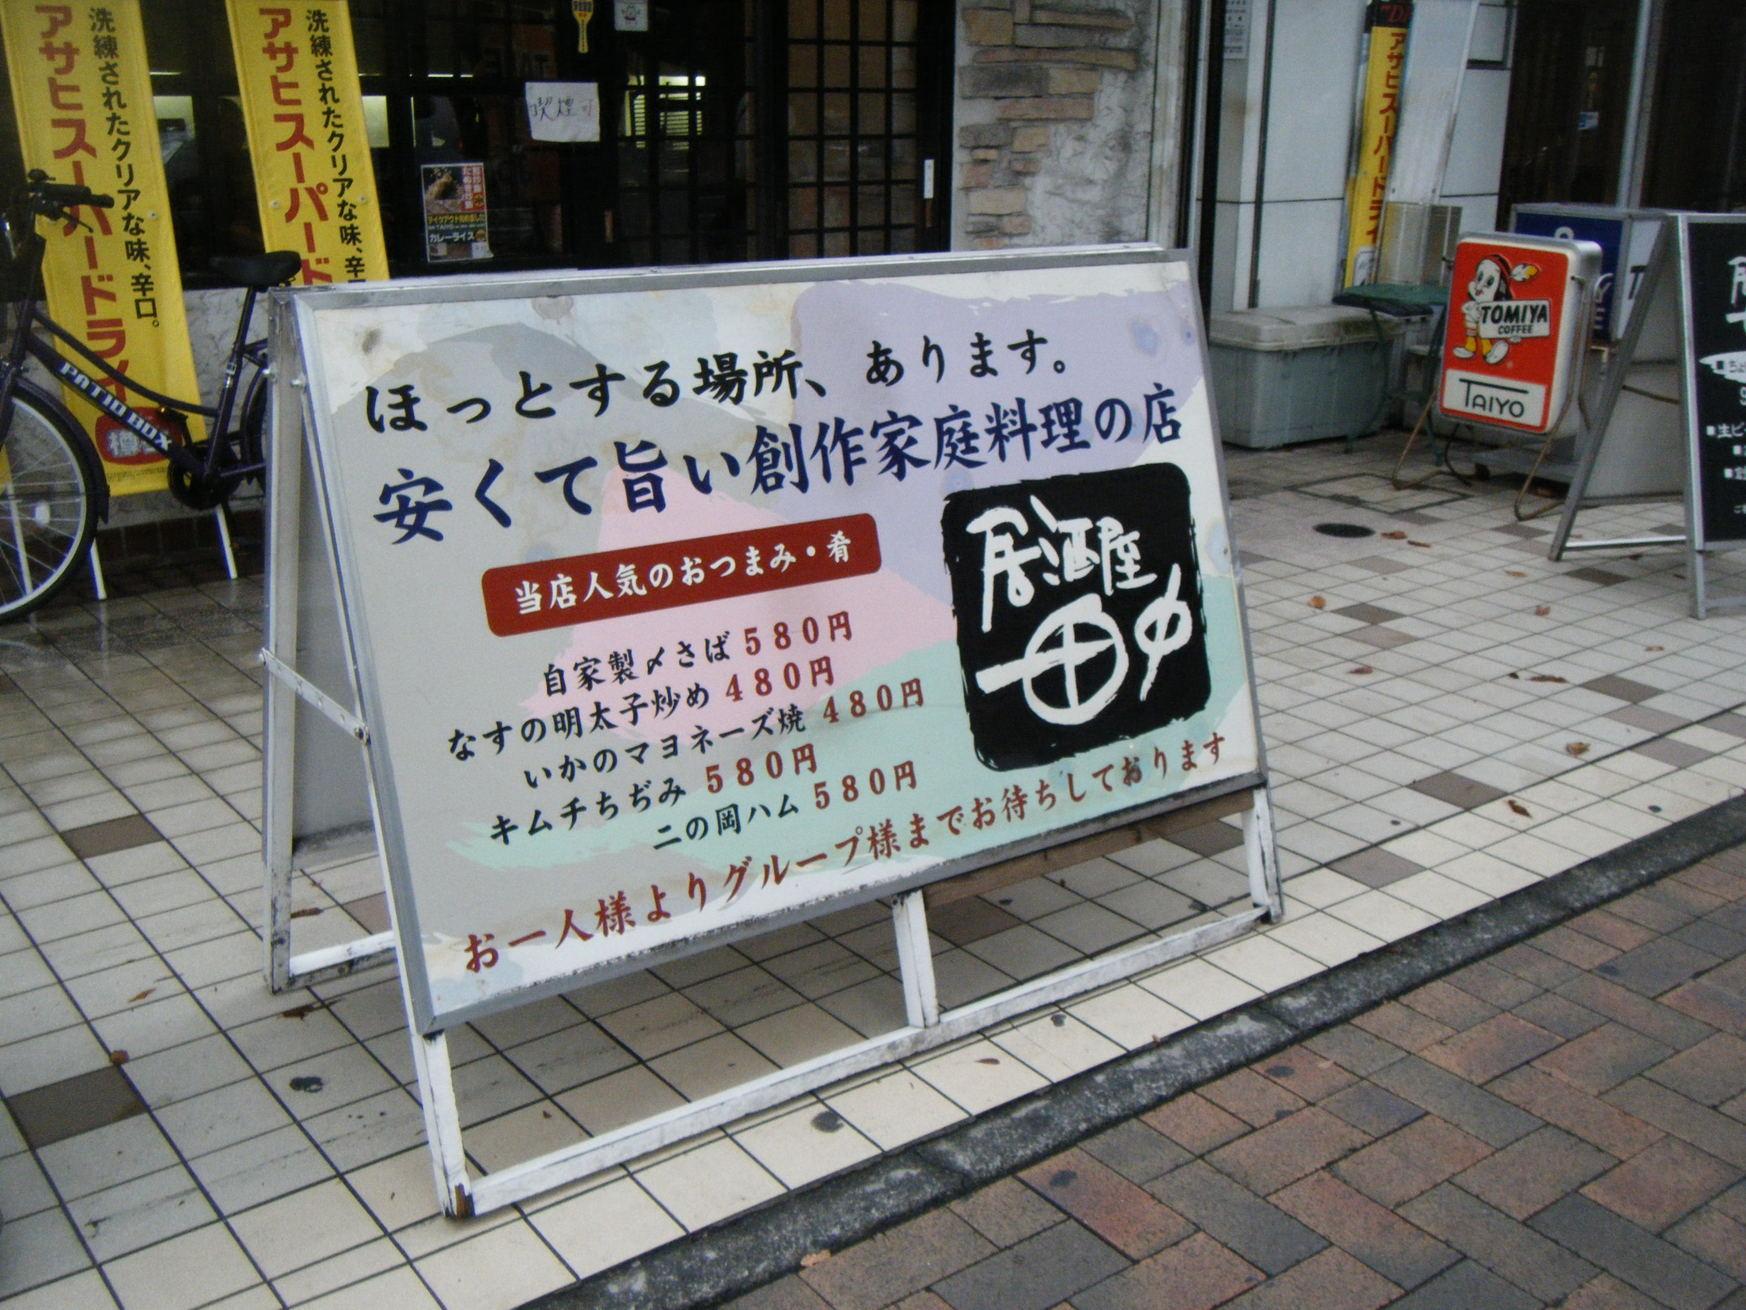 居酒屋 田中 name=